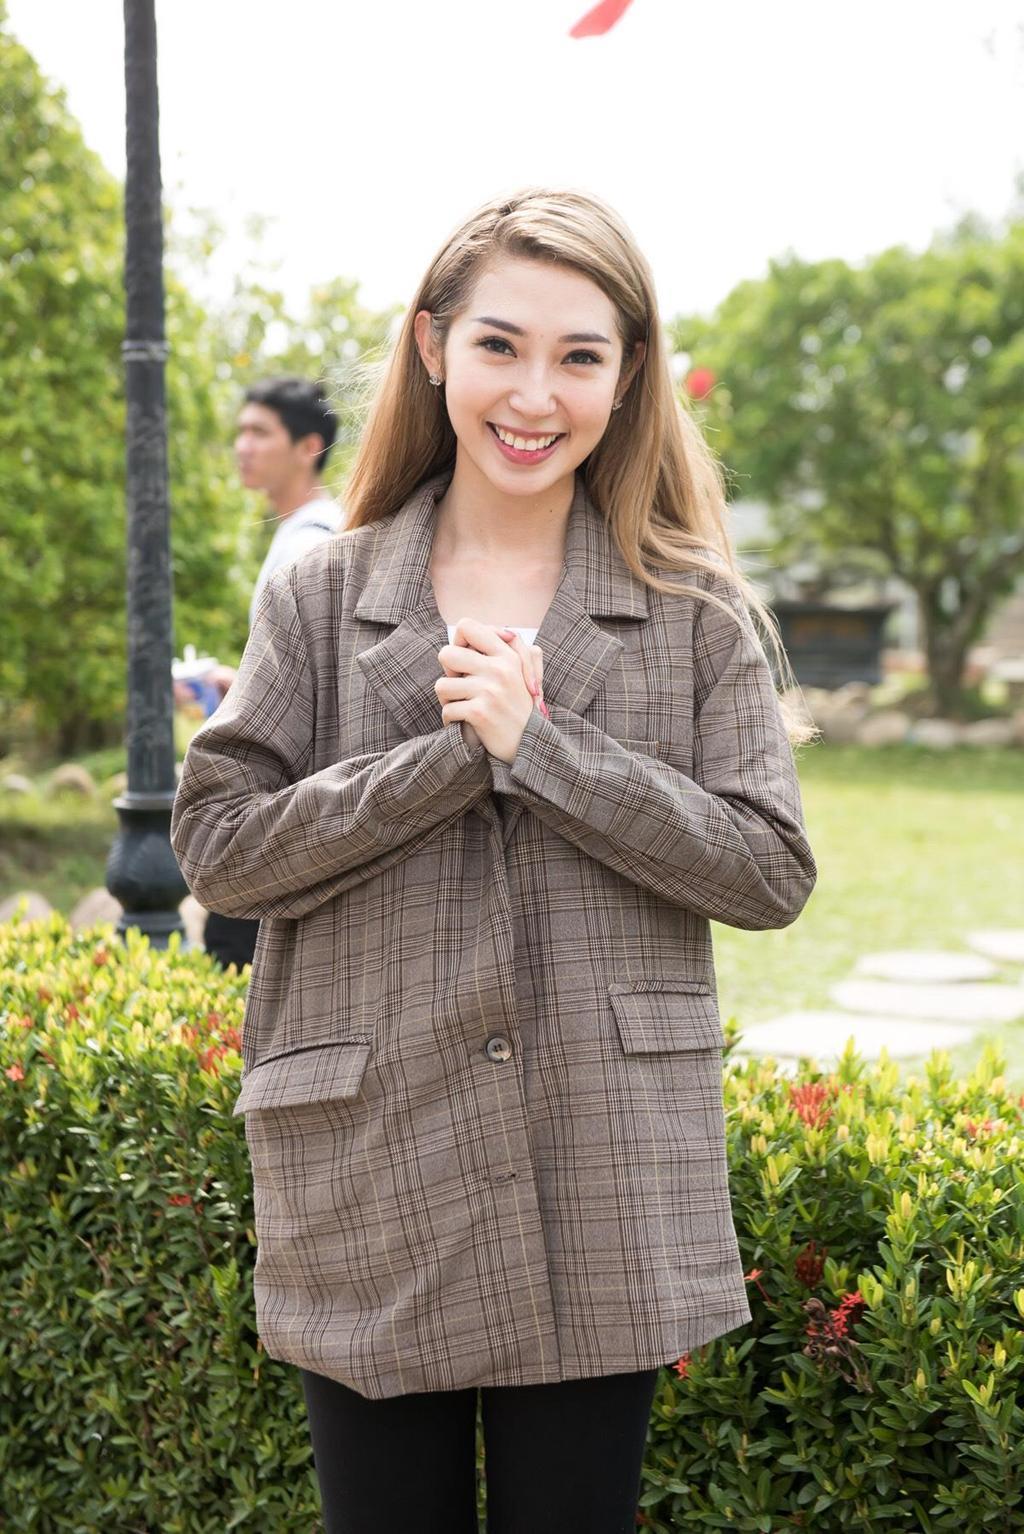 Hoài Lâm nắm tay vợ đi lễ Tổ ở nhà thờ của Hoài Linh Ảnh 8